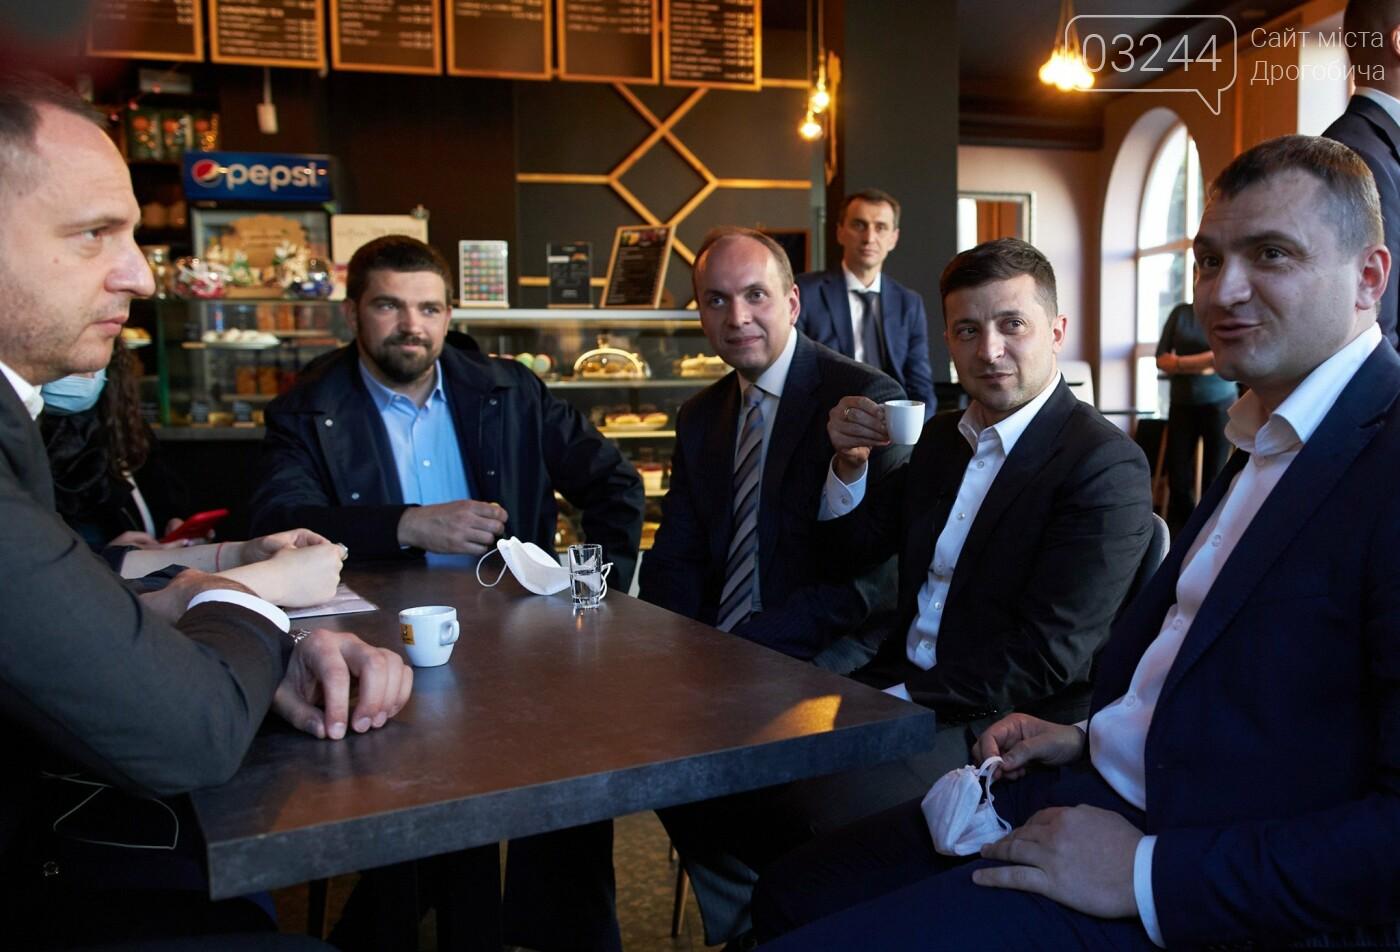 Володимир Зеленський та компанія чиновників порушили карантин у кав'ярні у Хмельницькому , фото-1